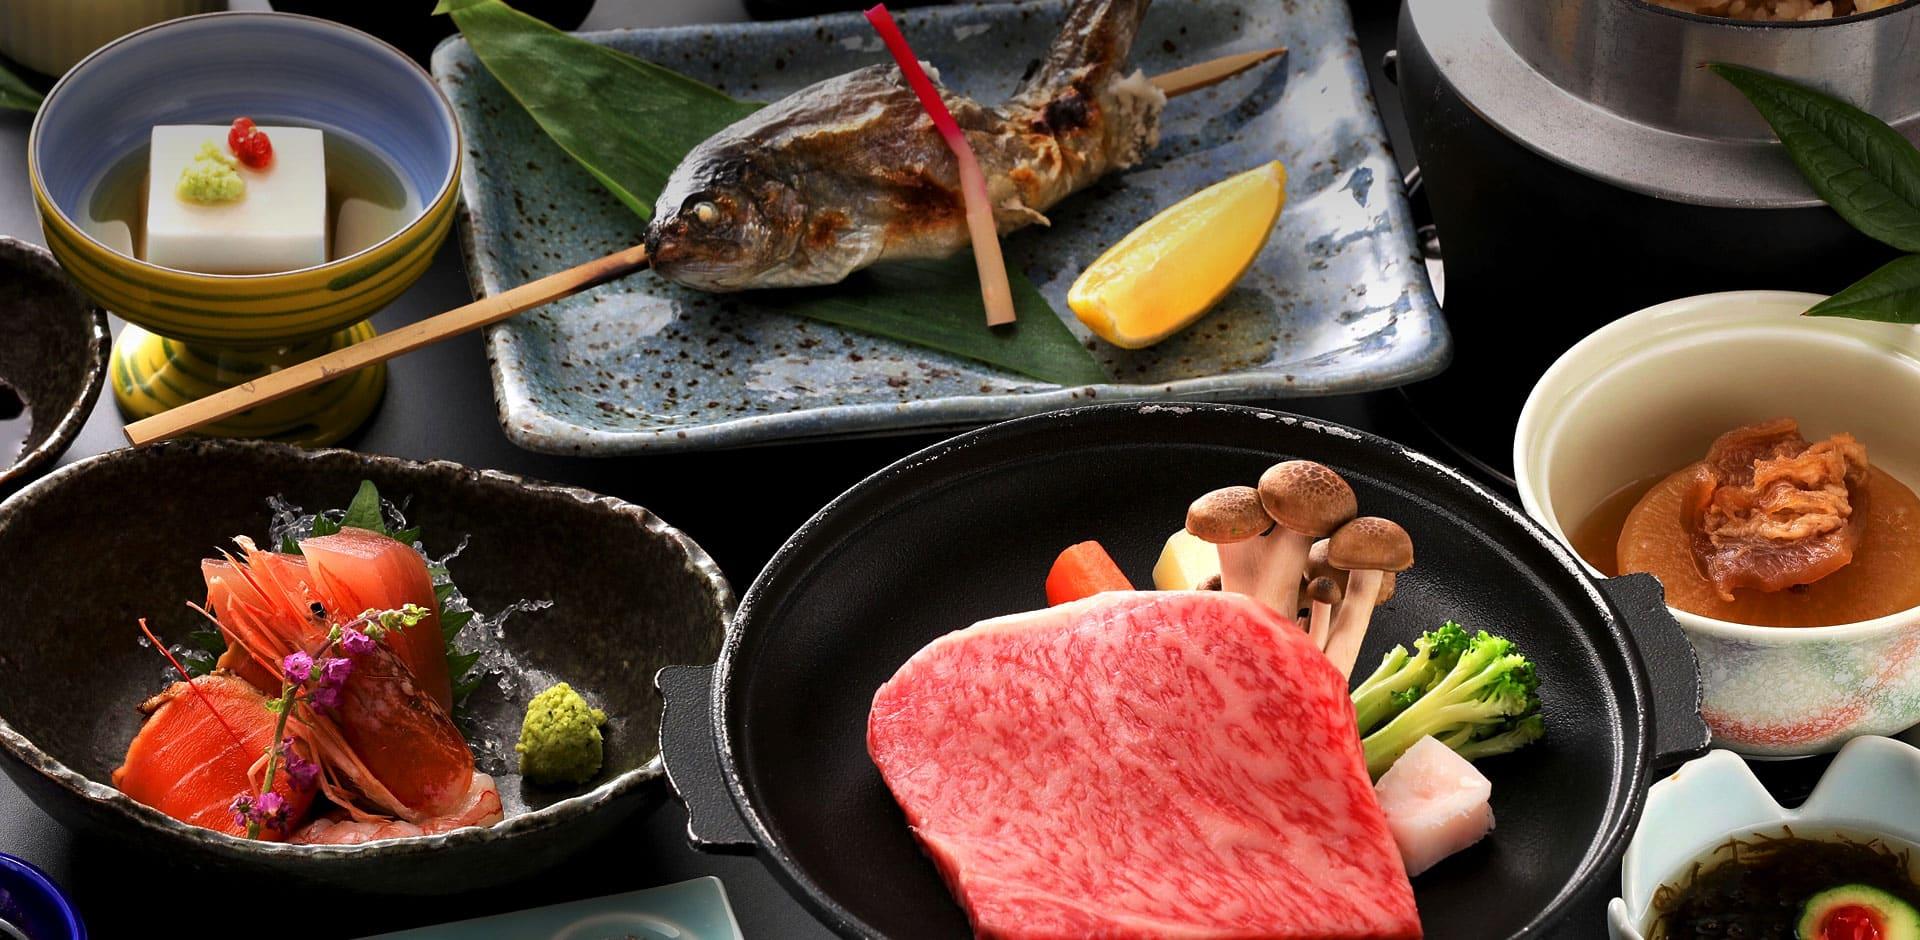 Enjoy hot spring, Hida beef and ryokan life at Gizan.